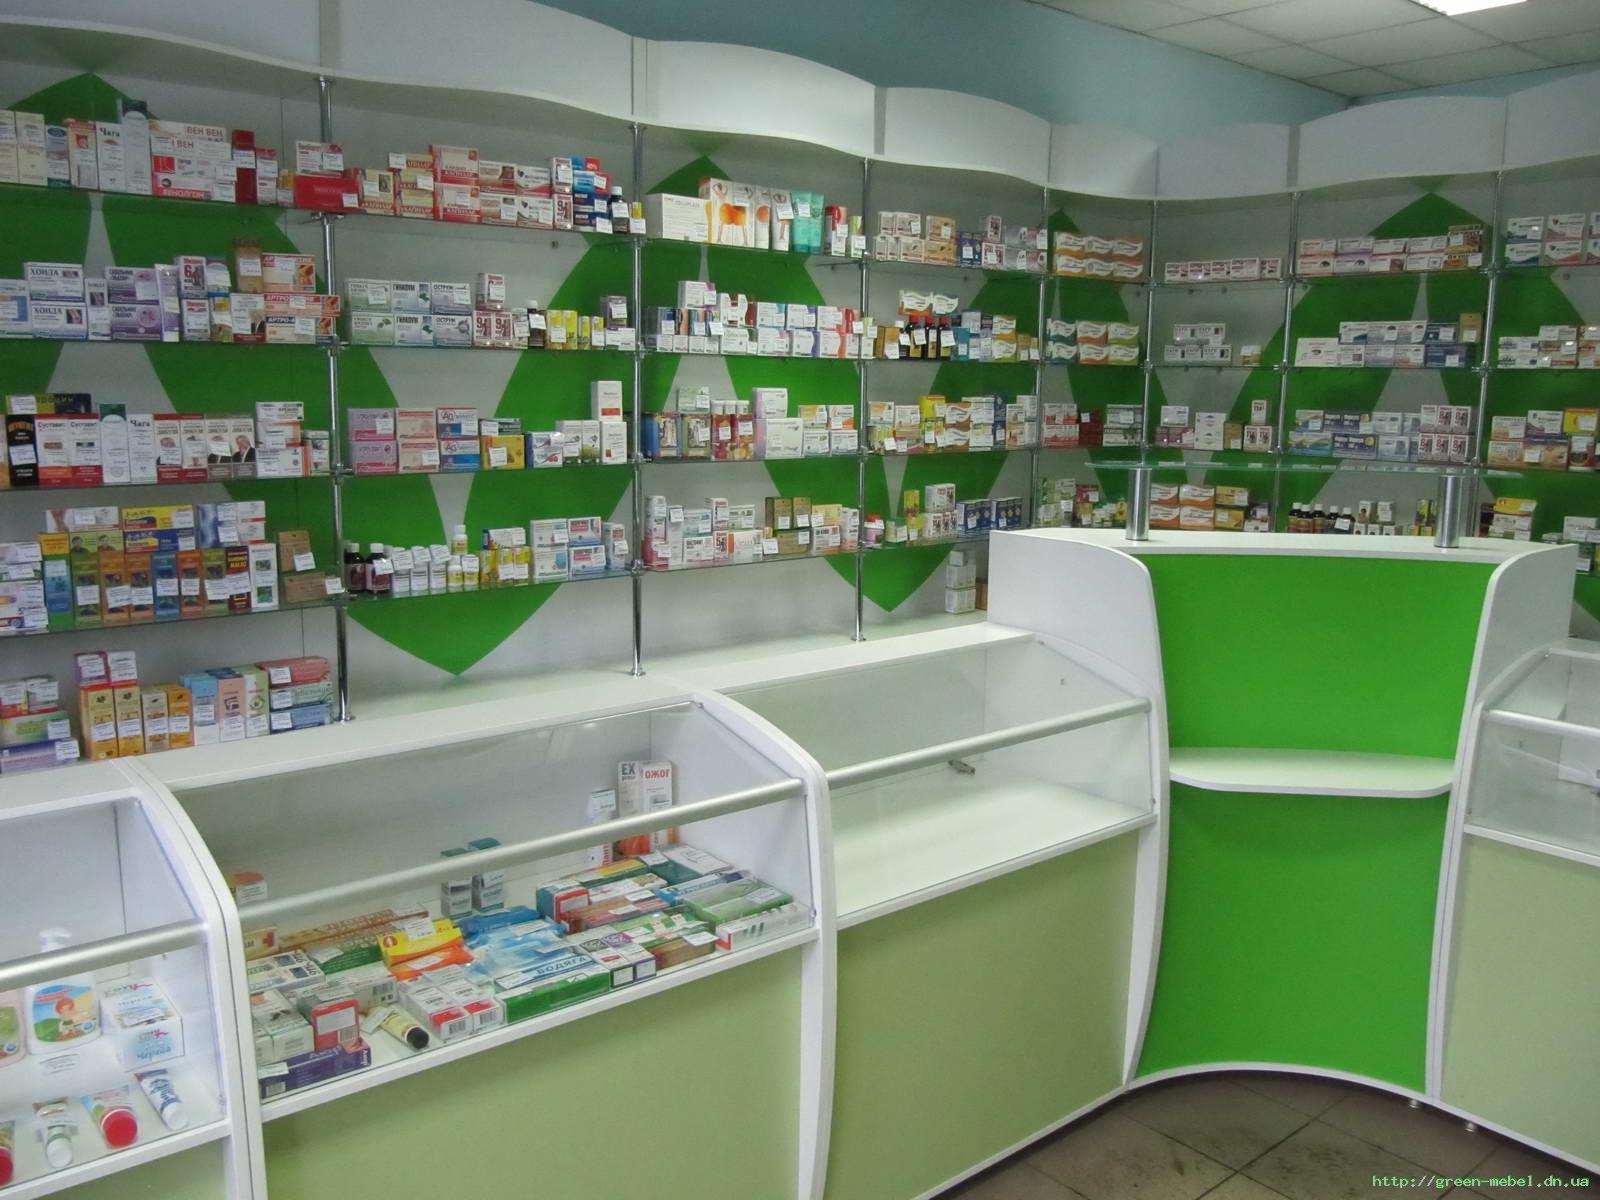 Сеть столичных аптек была оштрафована антимонопольным комитетом